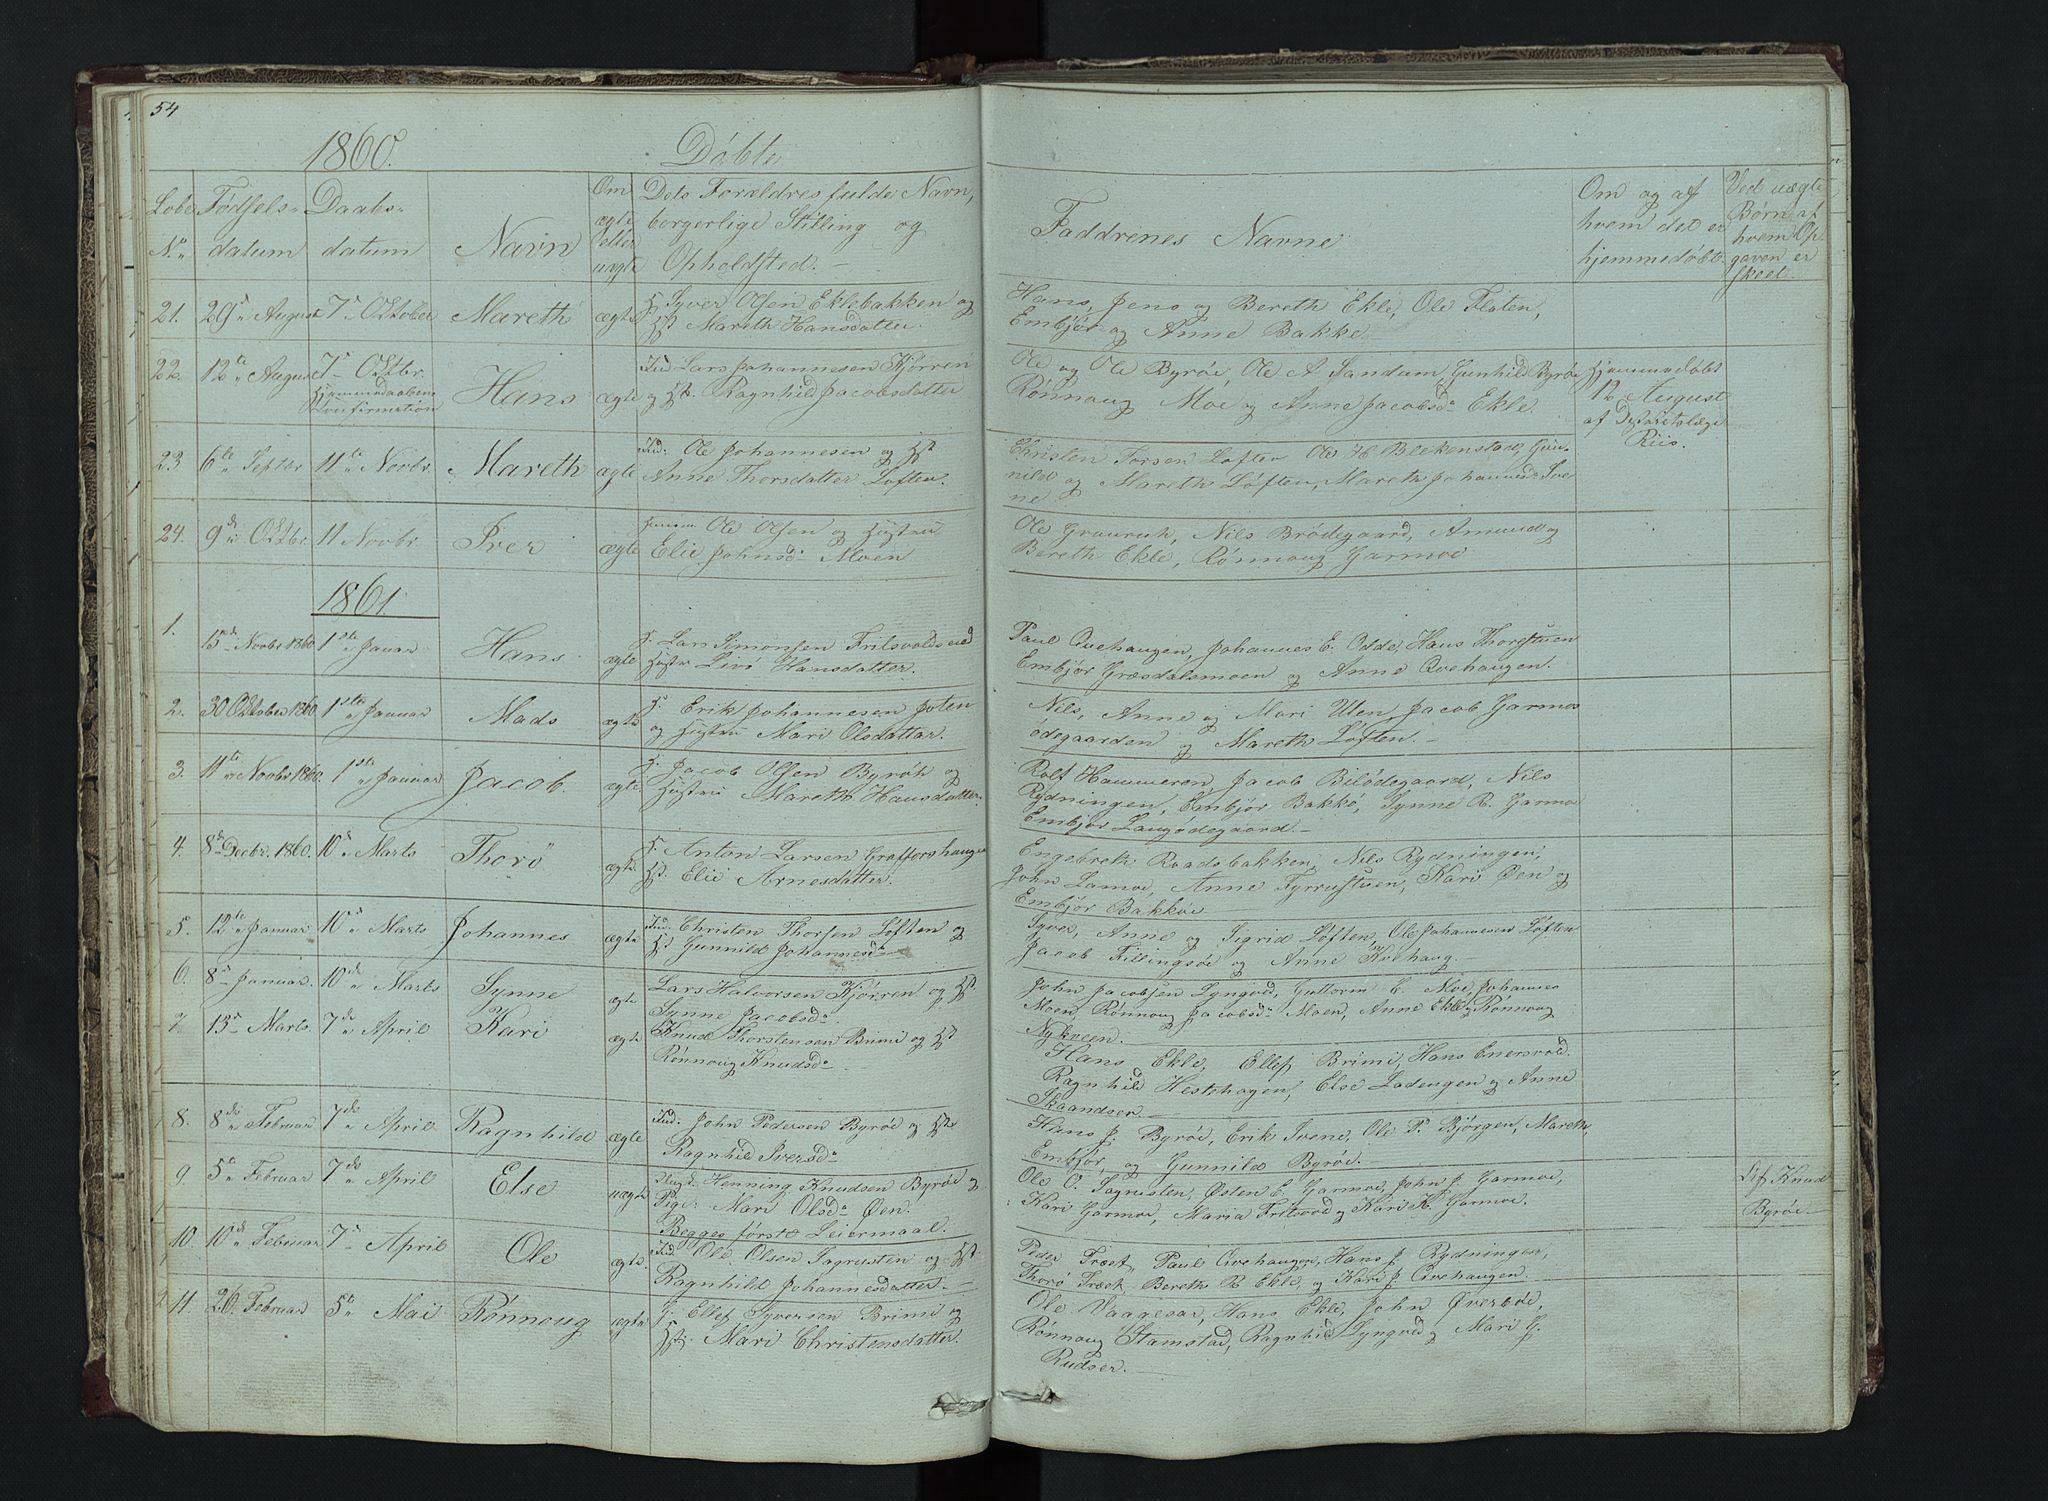 SAH, Lom prestekontor, L/L0014: Klokkerbok nr. 14, 1845-1876, s. 54-55